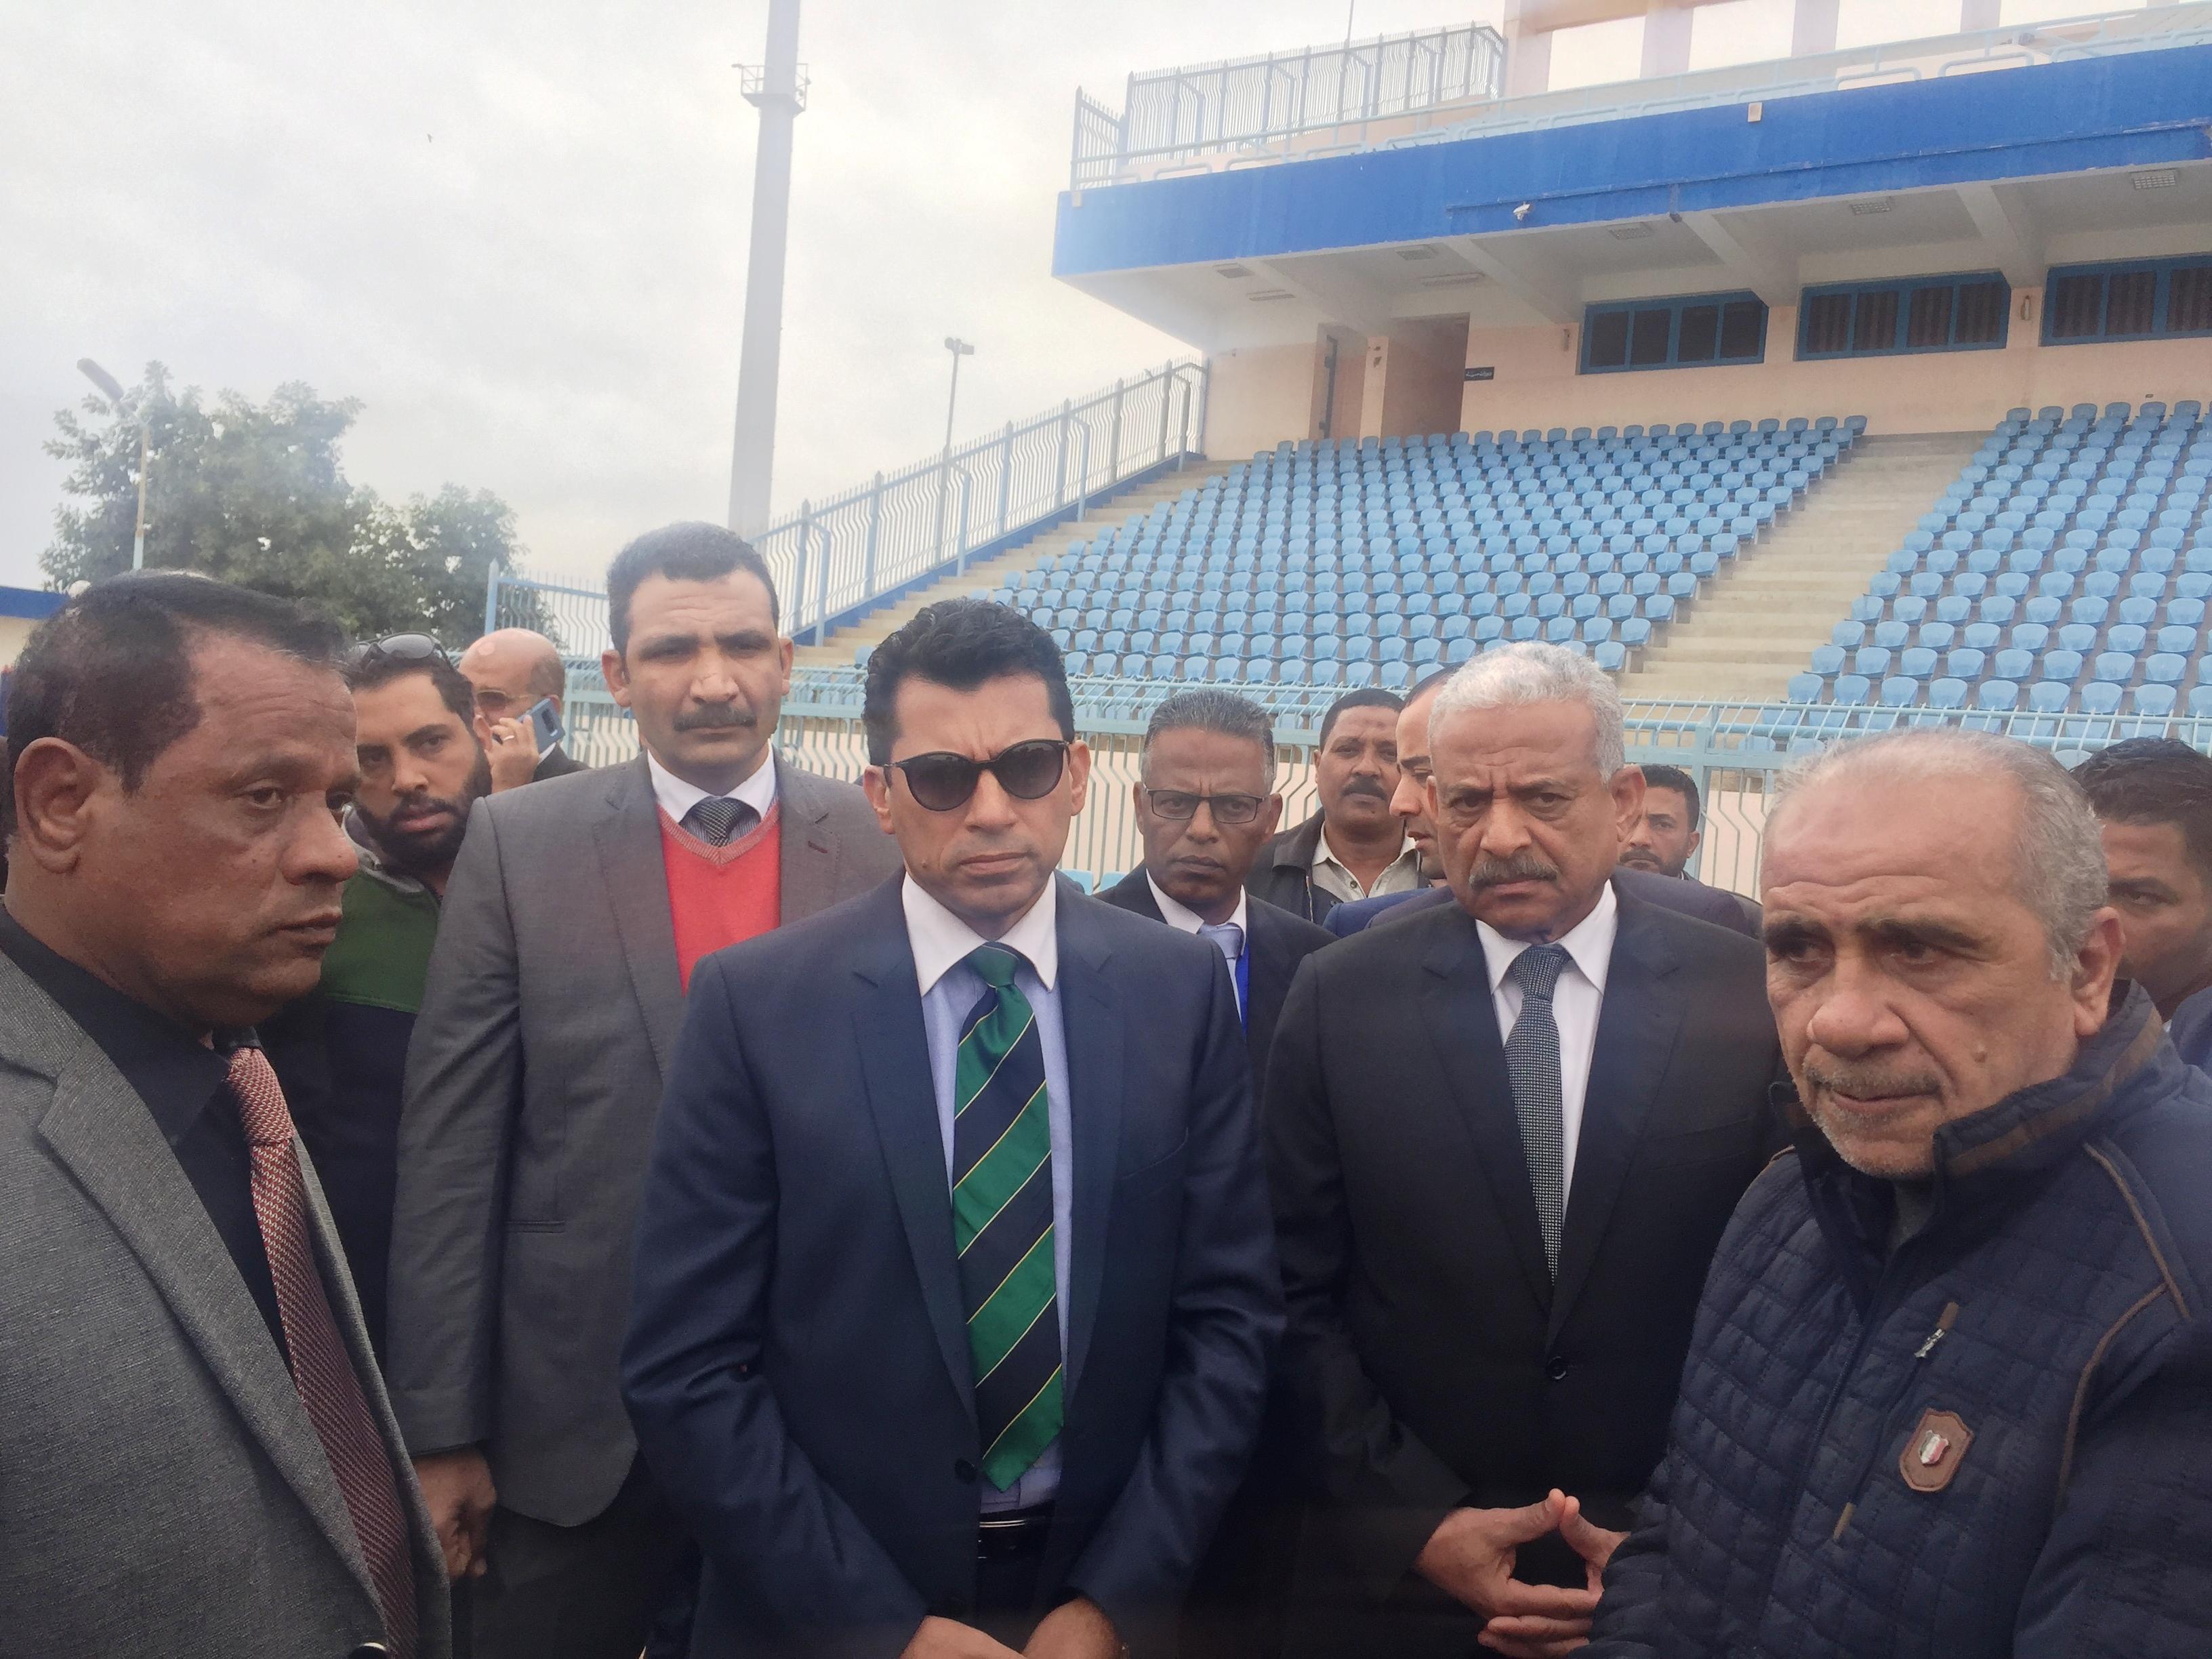 زيارة وزير الشباب والرياضة لاستاد السويس الرياضى (7)